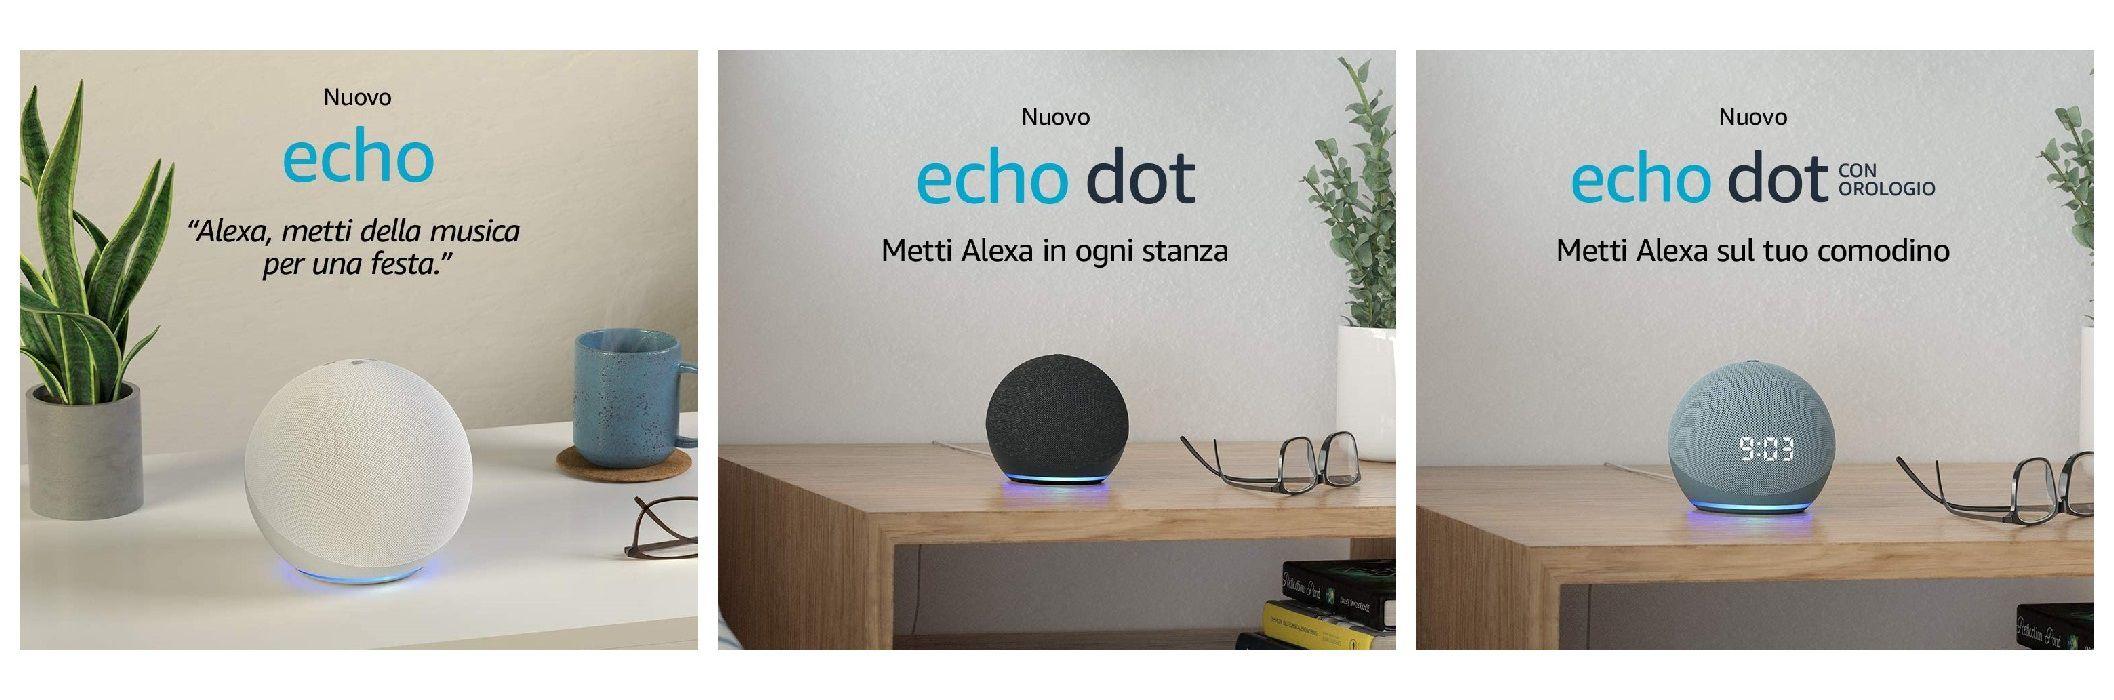 Amazon Echo e Echo Dot di quarta generazione ufficiali: cambiano il design e le caratteristiche, ma non il prezzo